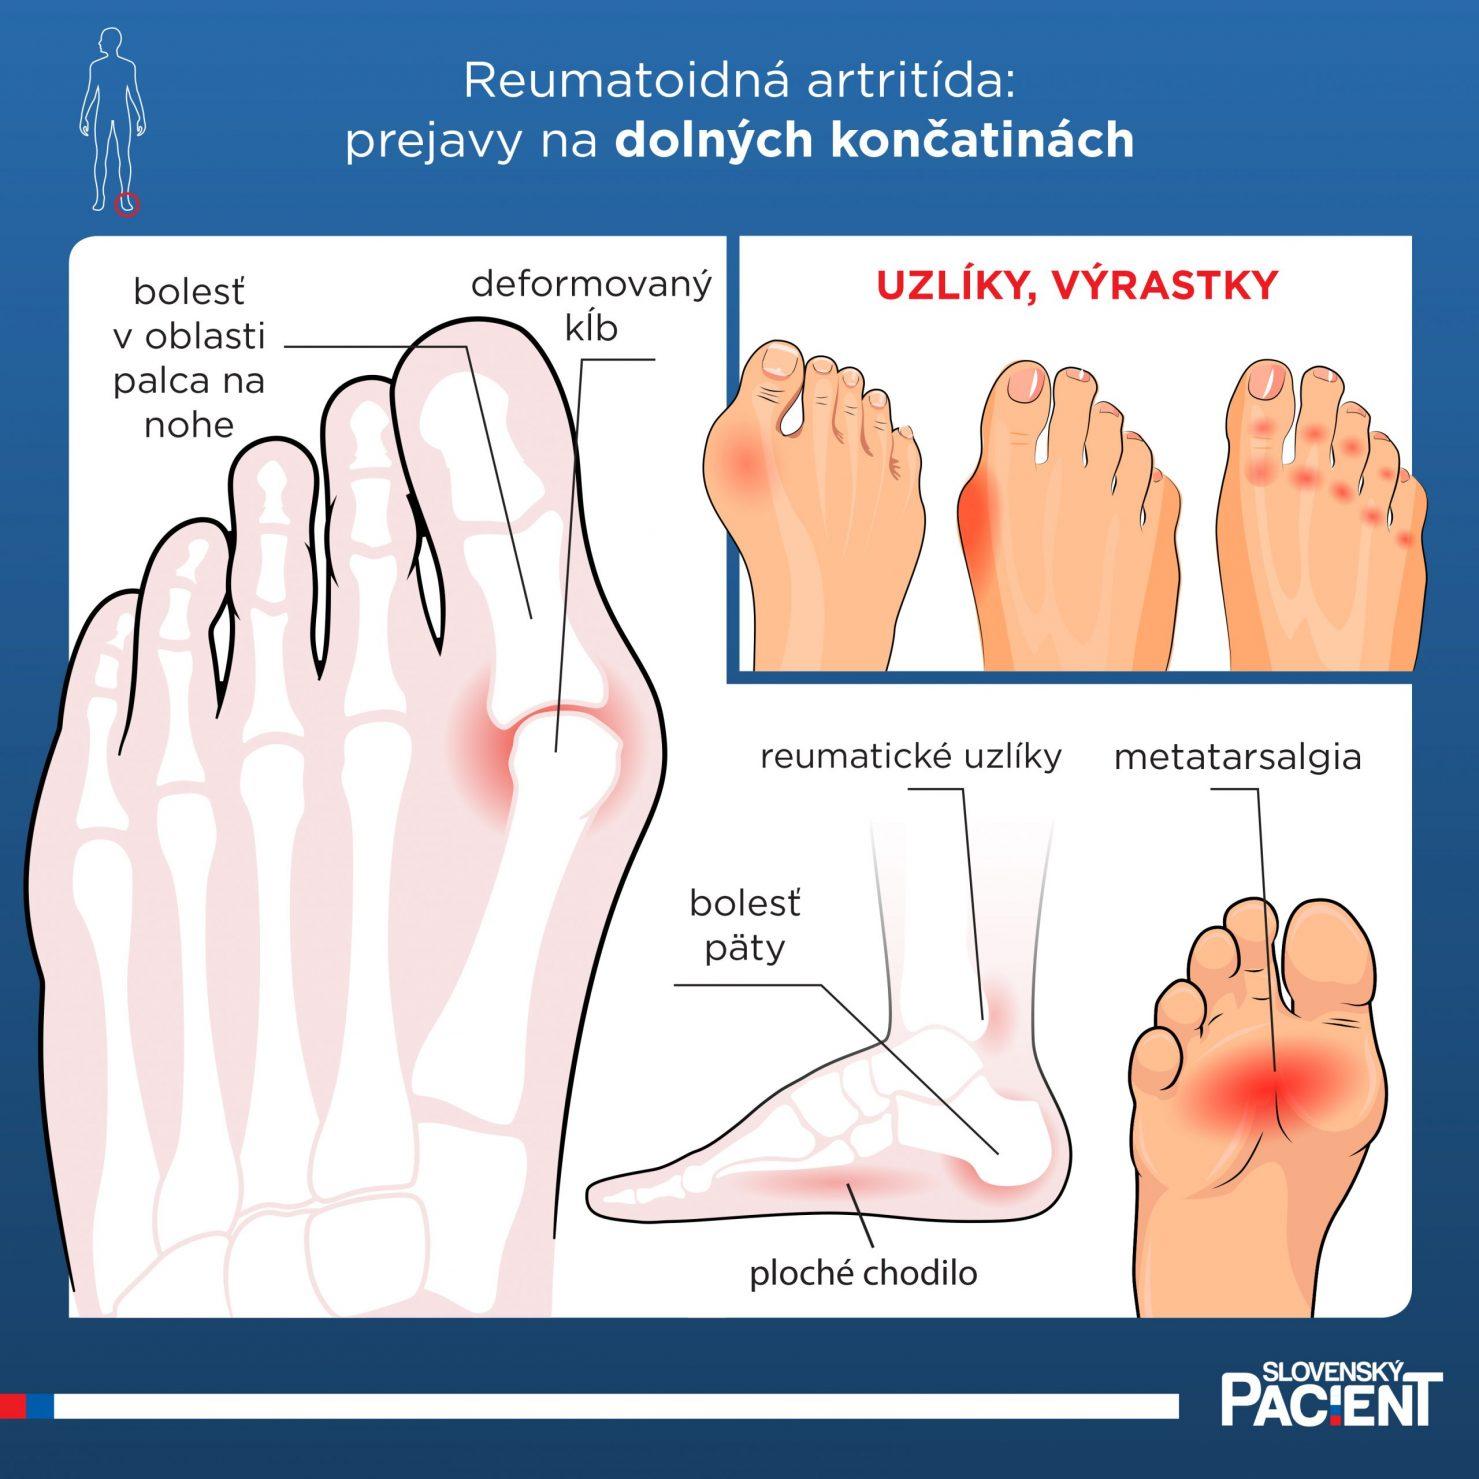 Prejavy reumatoidnej artrídy